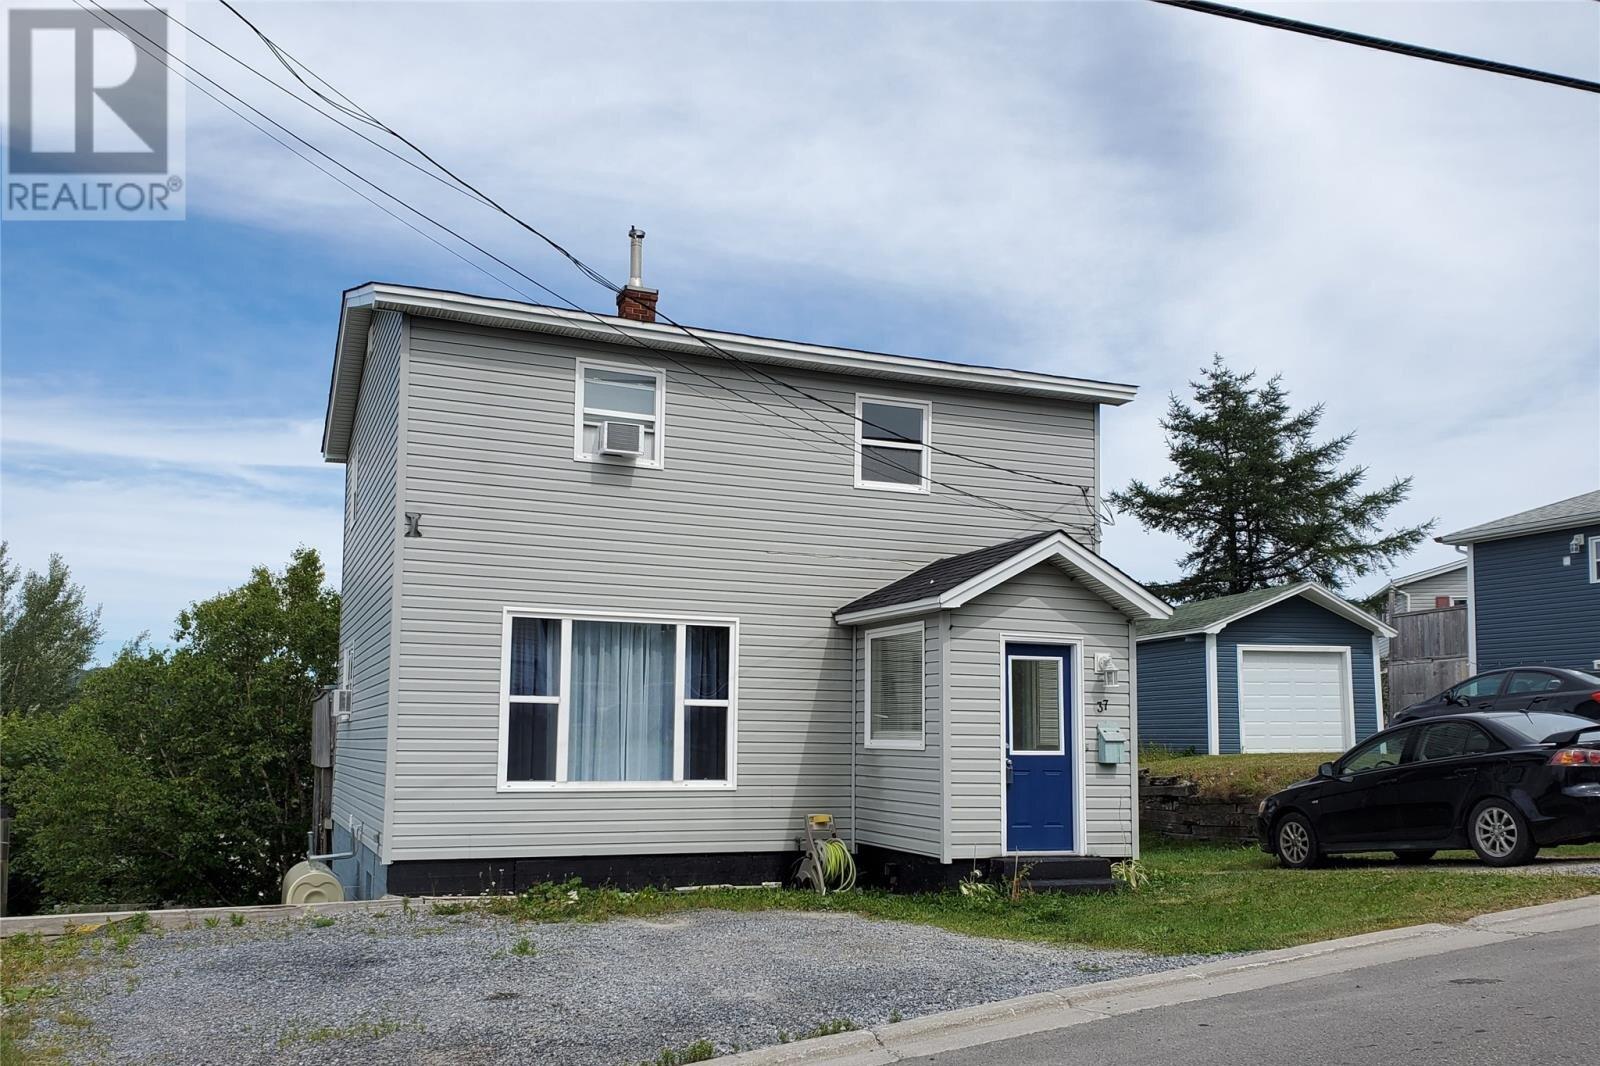 House for sale at 37 Fudges Rd Corner Brook Newfoundland - MLS: 1218100